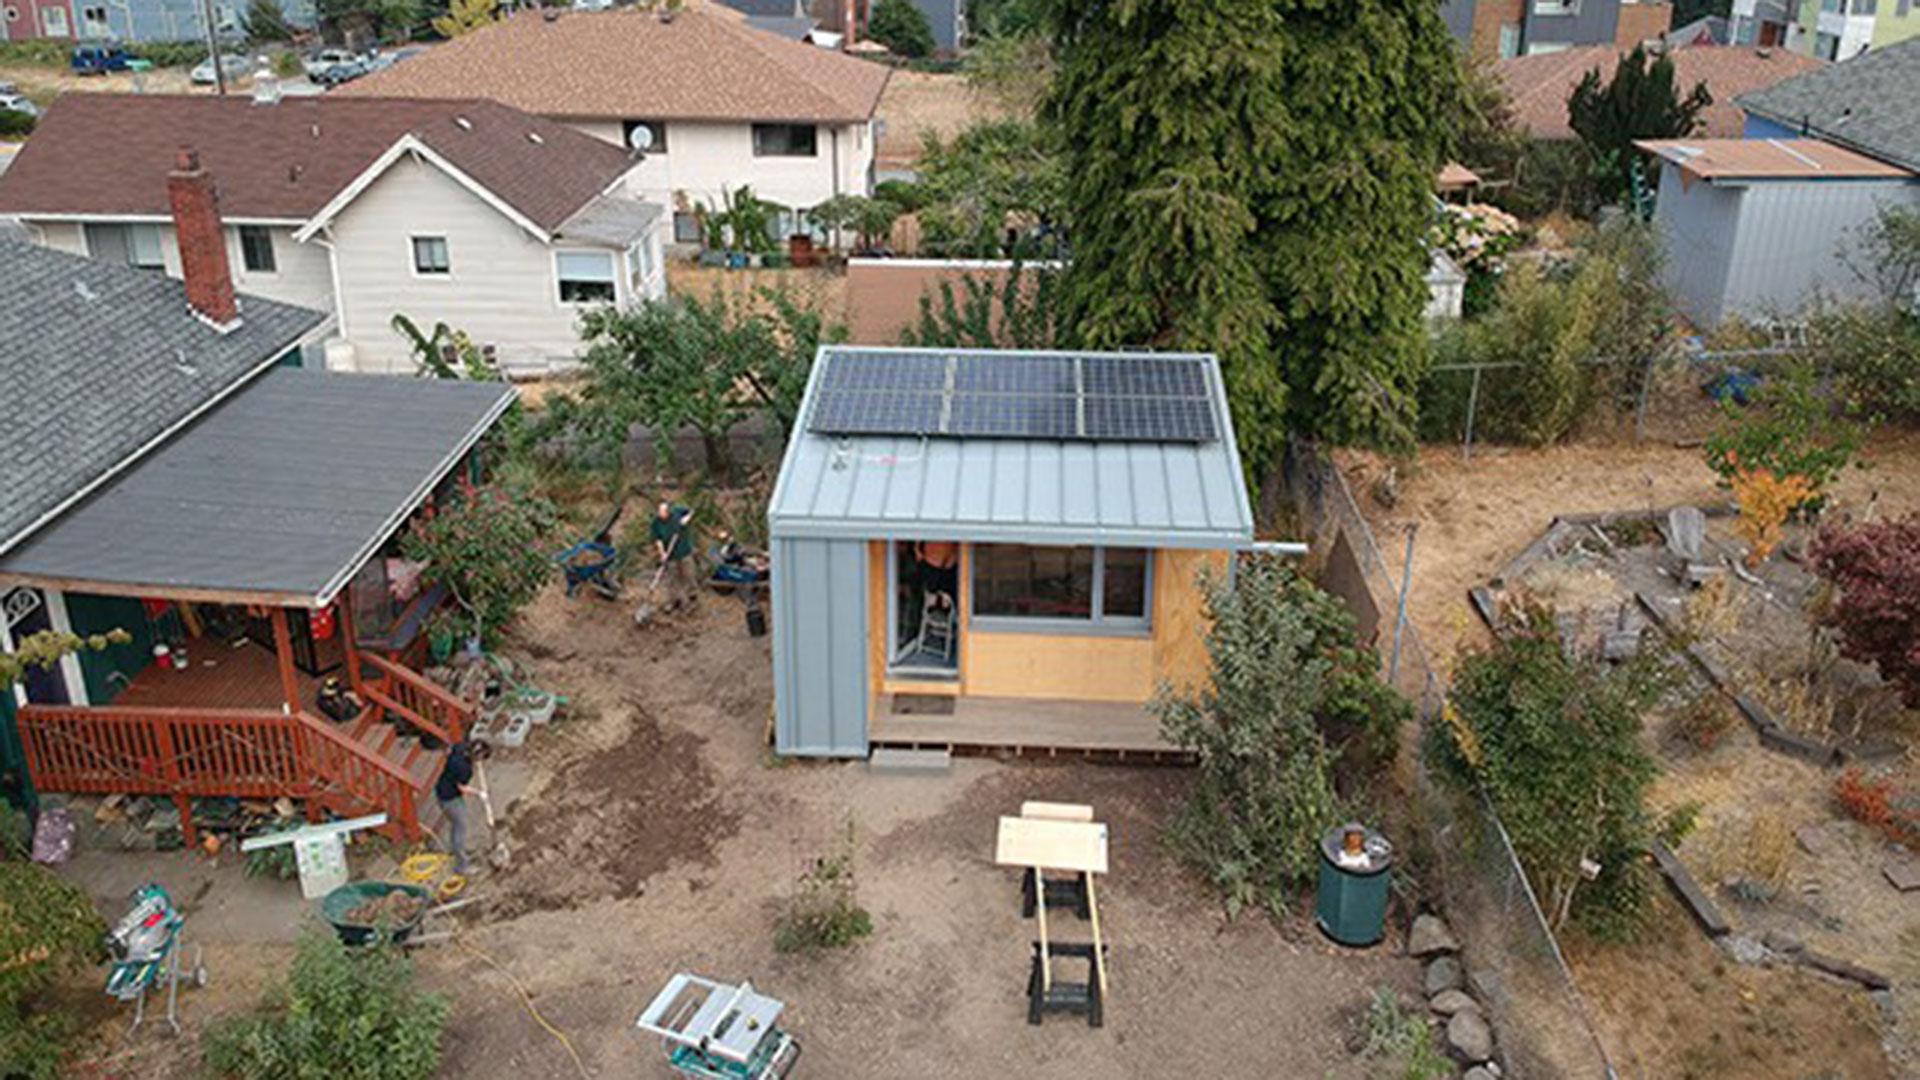 Para brindar vivienda a los 58.000 homeless de Los Ángeles se prueba la construcción de unidades con baño y cocina al estilo de apartamento de huéspedes, en los patios detrás de las propiedades